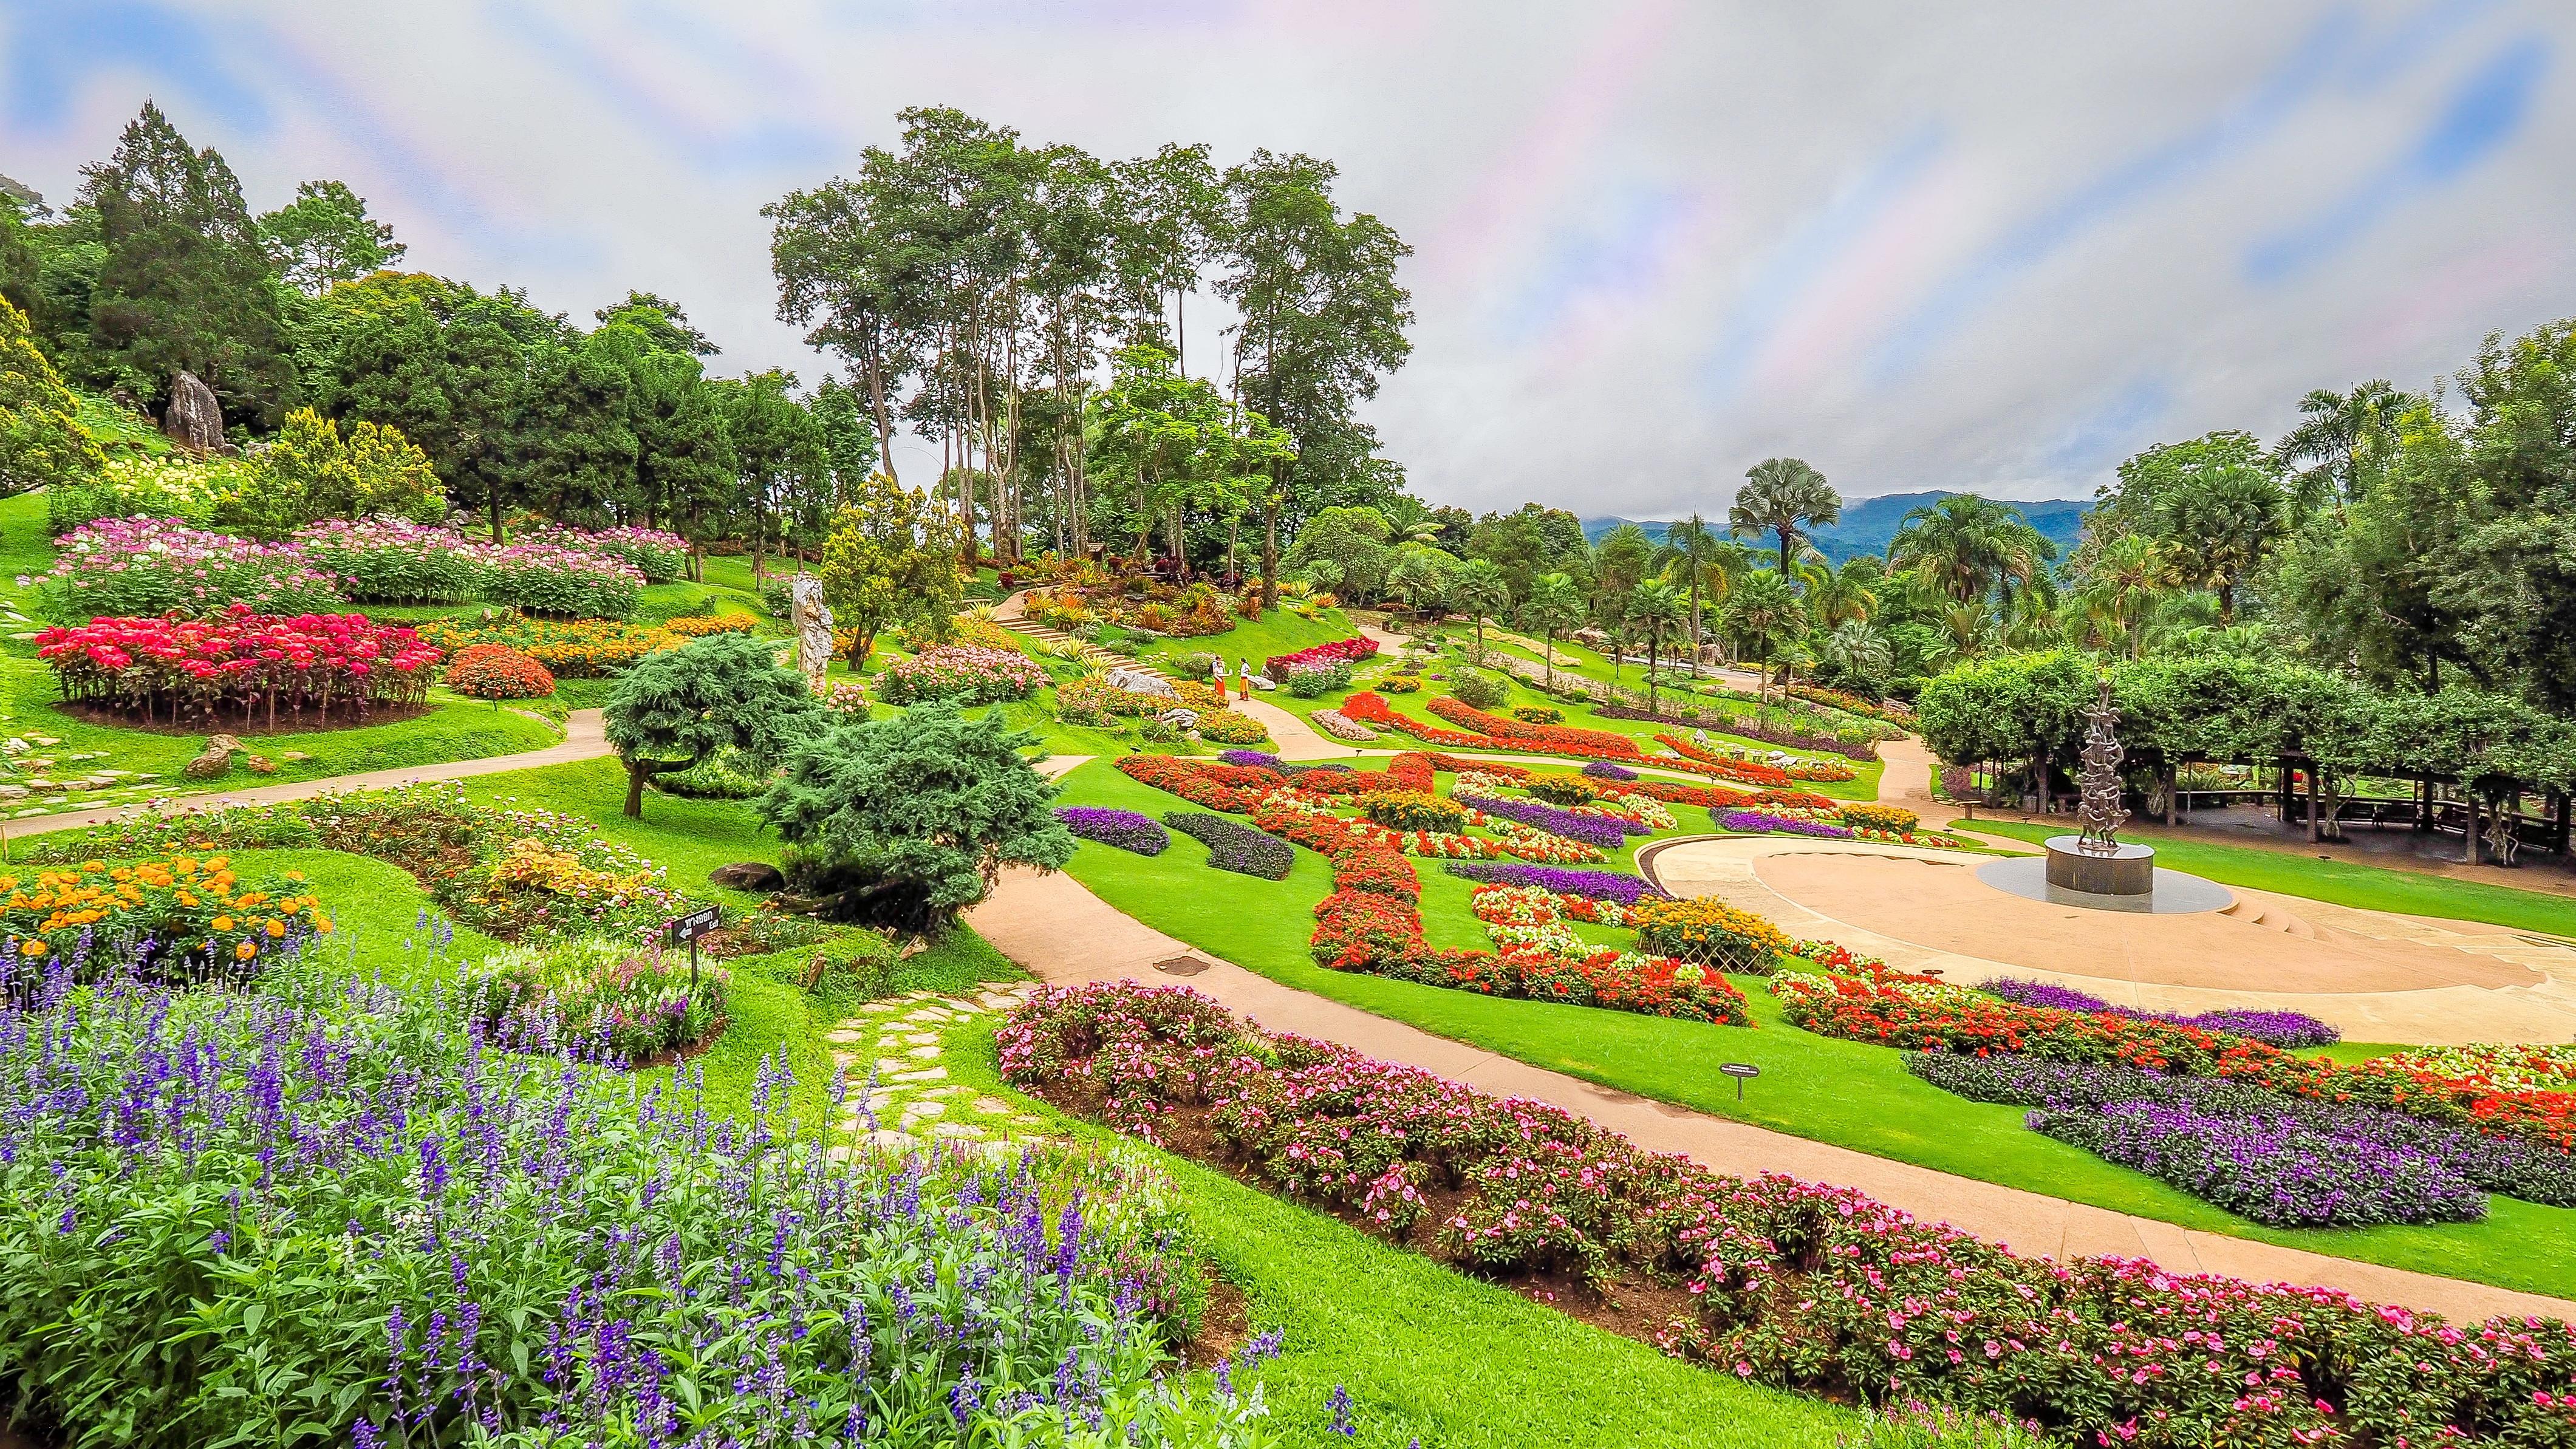 обои парк, сад, клумбы, цветы картинки фото